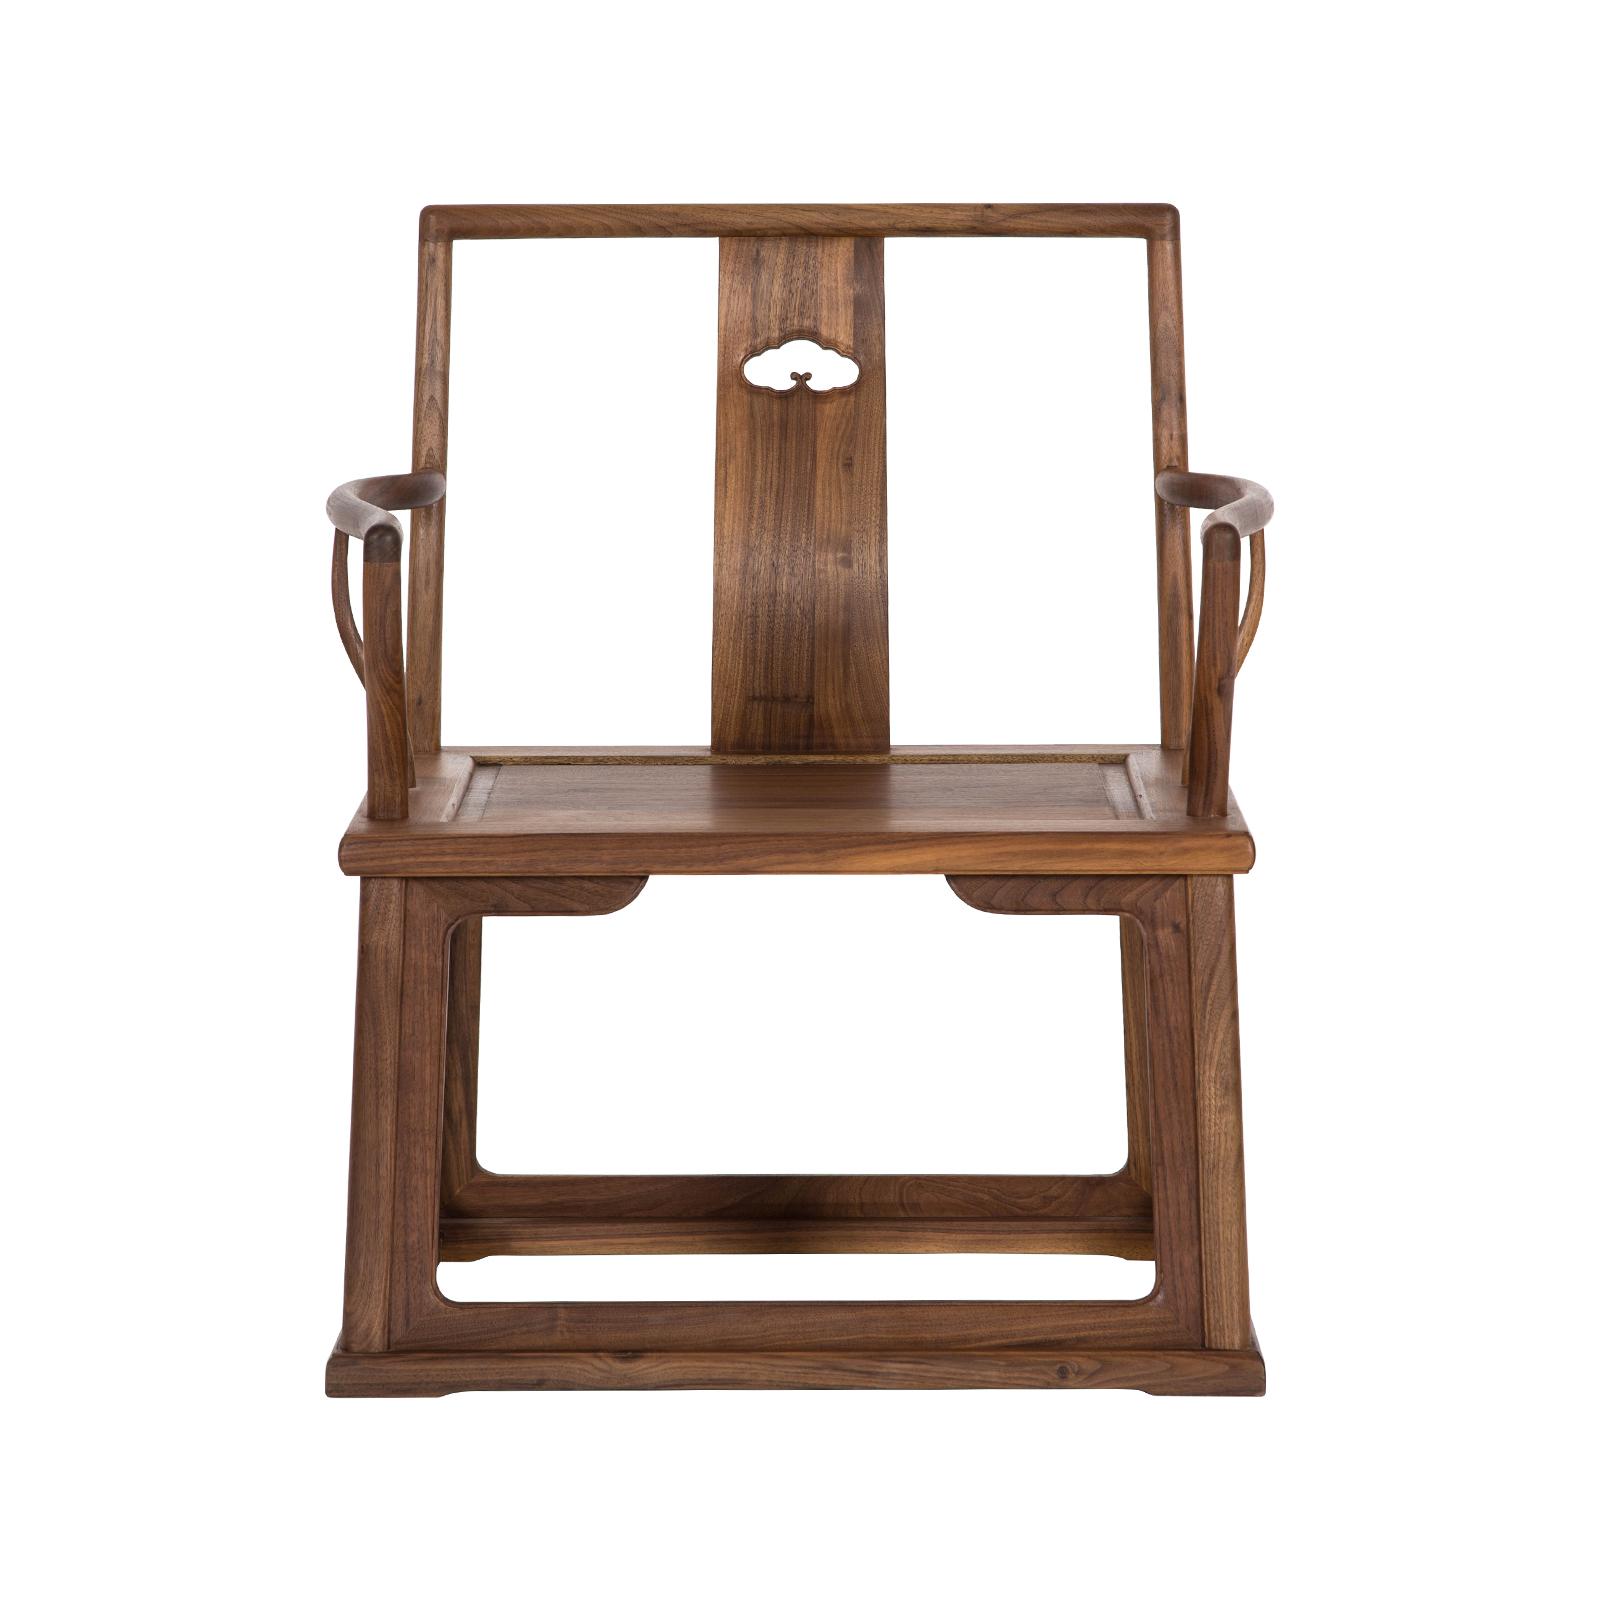 璞木禅意新中式黑胡老榆木桃官帽椅子矮椅仿古设计师会所实木家具